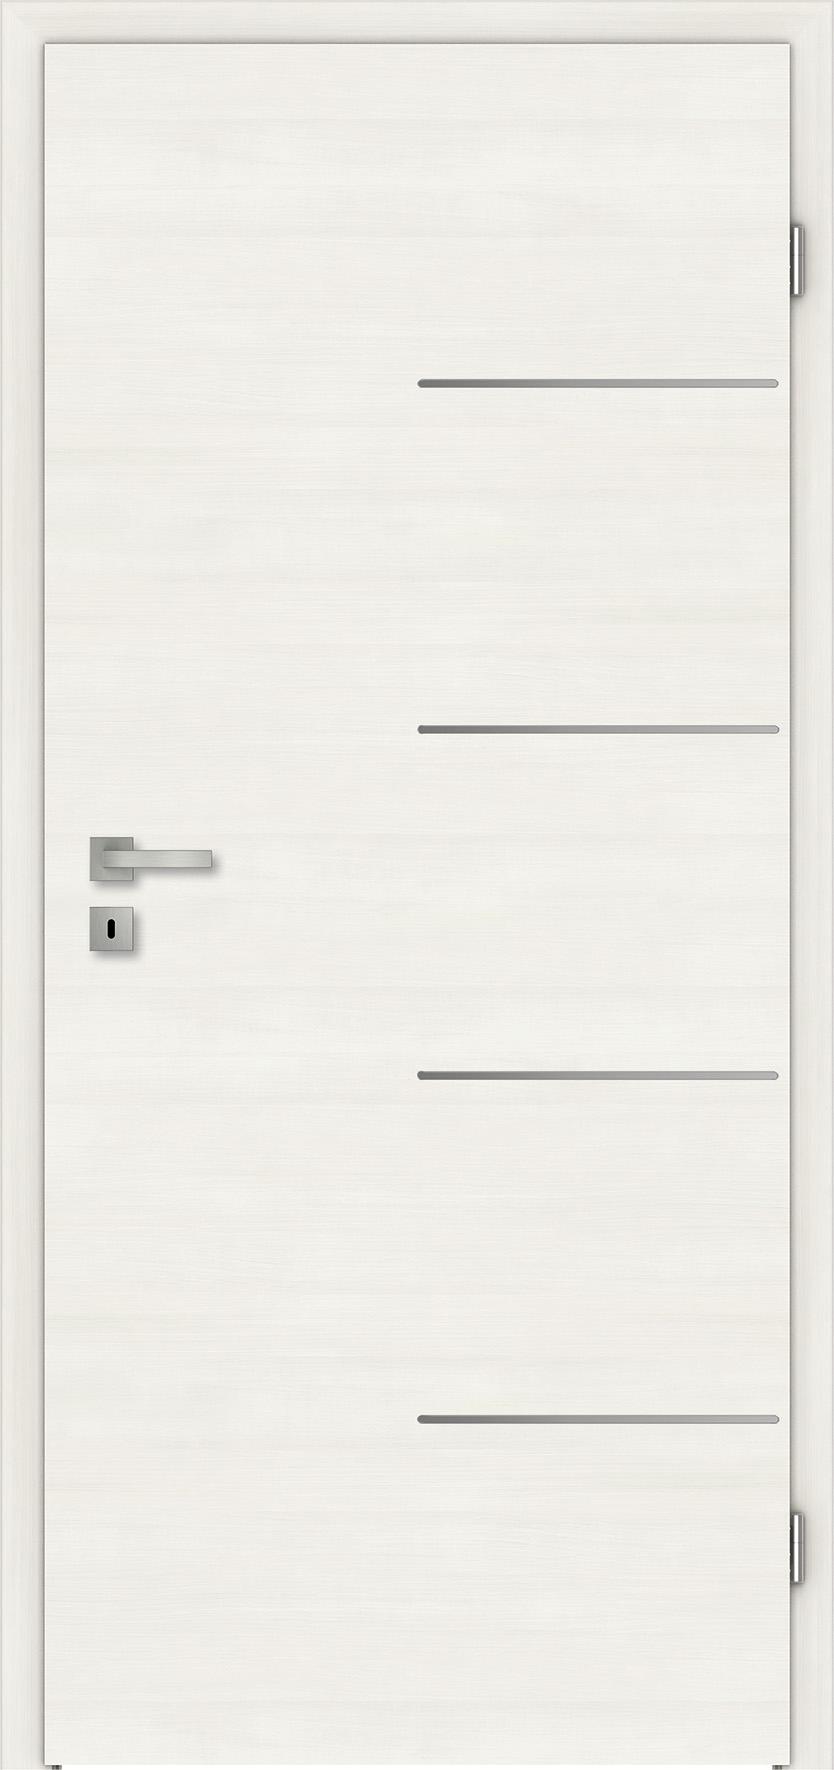 RY-554-DQ_CPL Touch Whiteline DQ